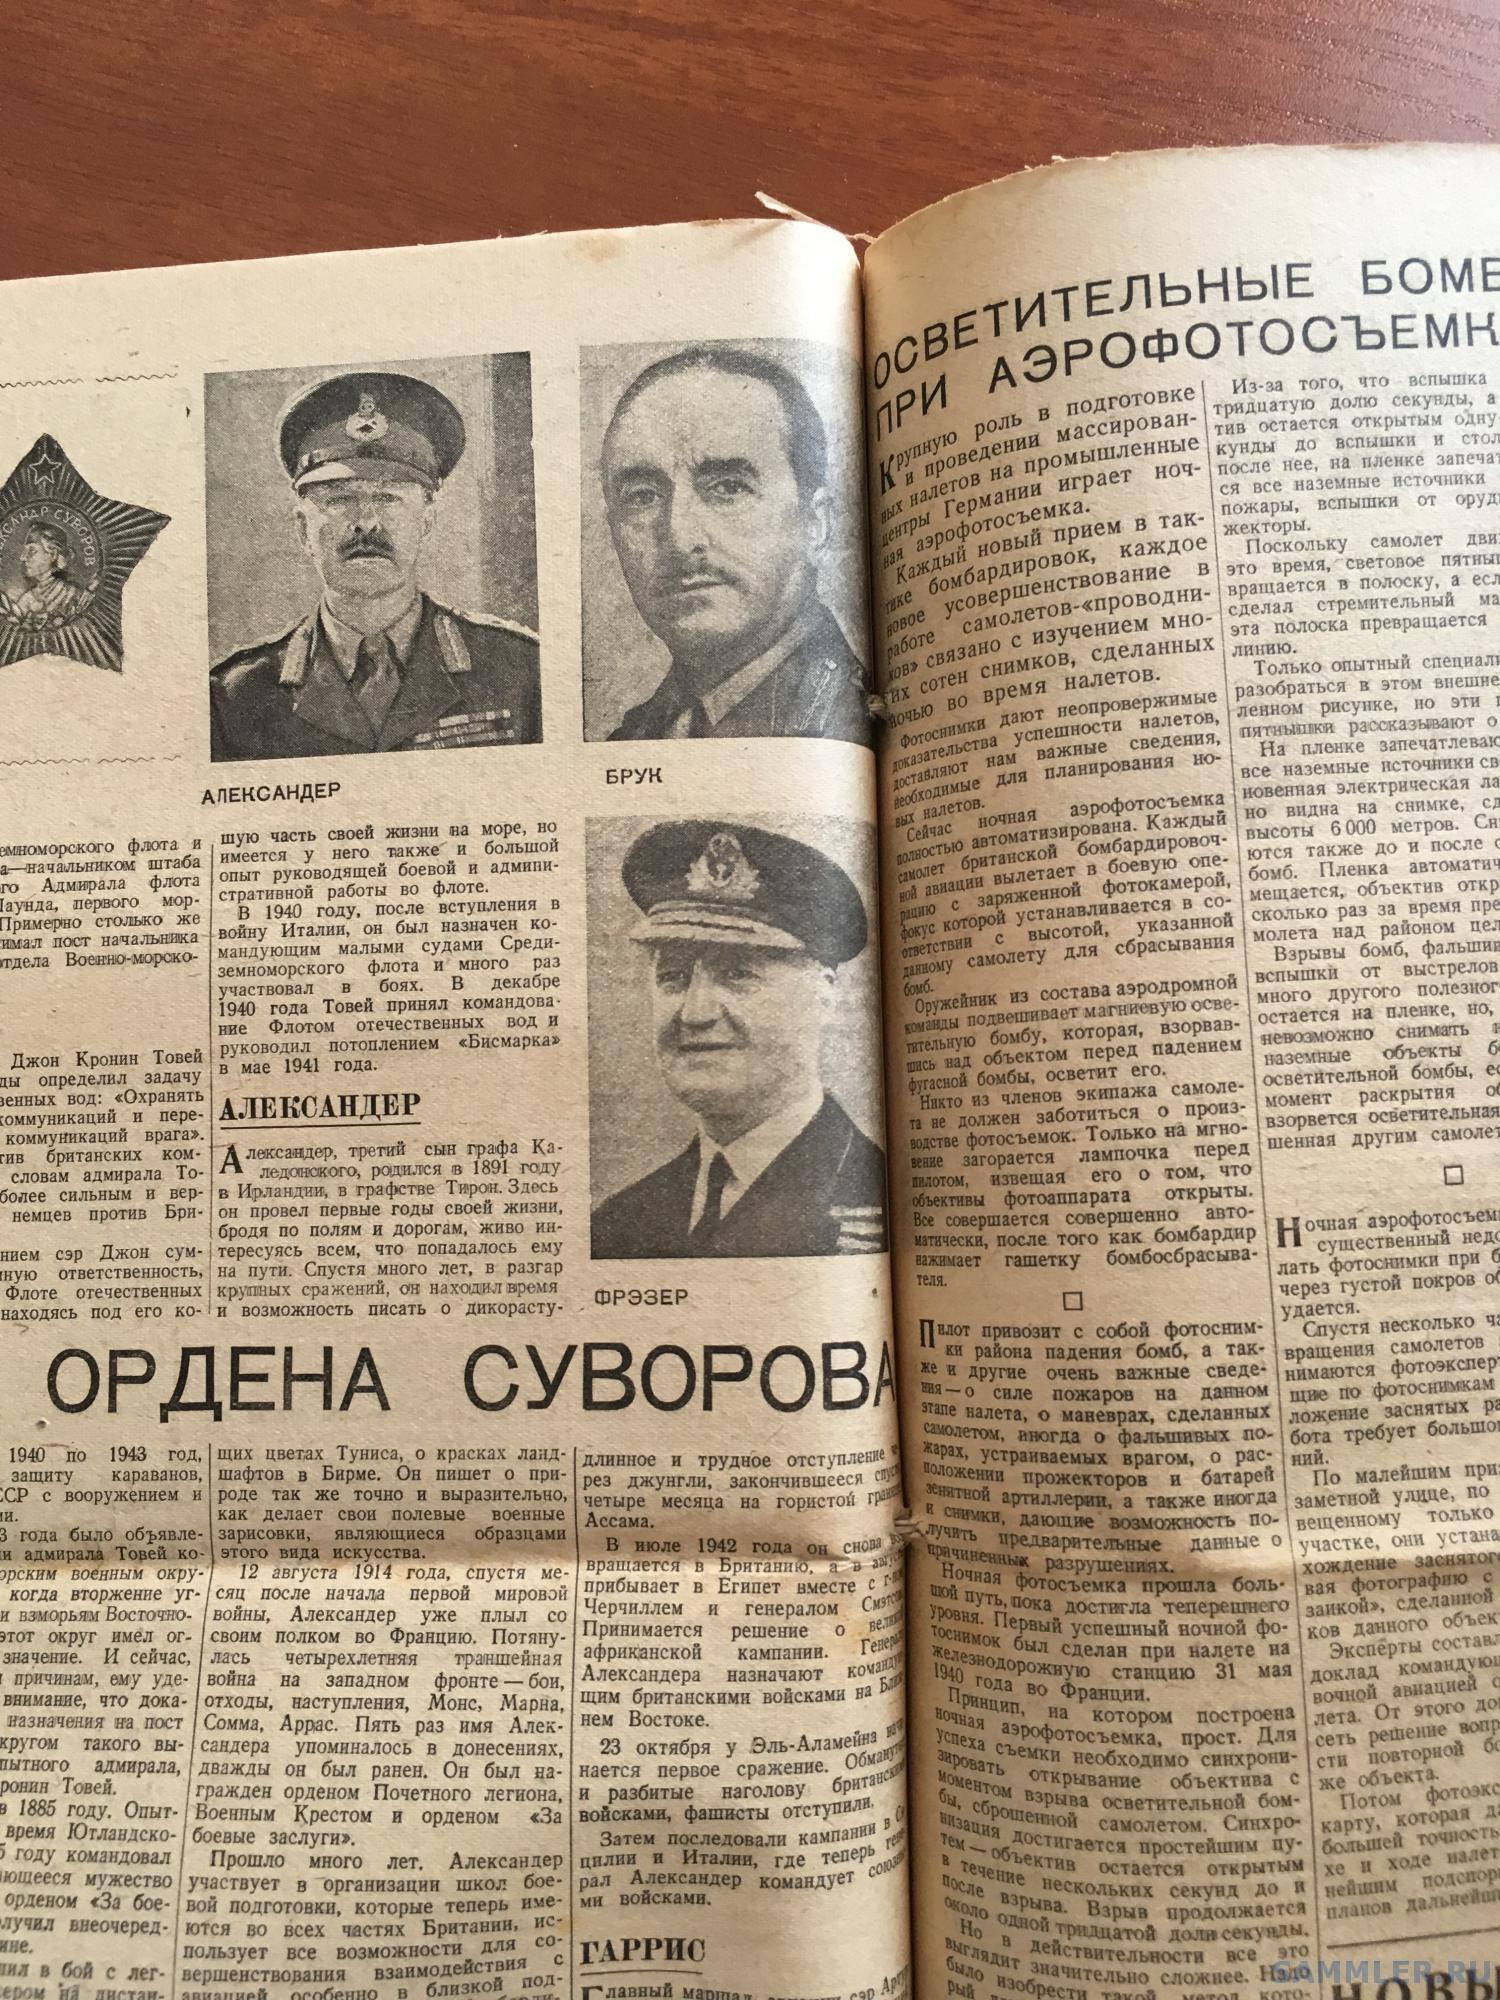 18 Бр союз №11 12 марта 1944 с 2.jpg